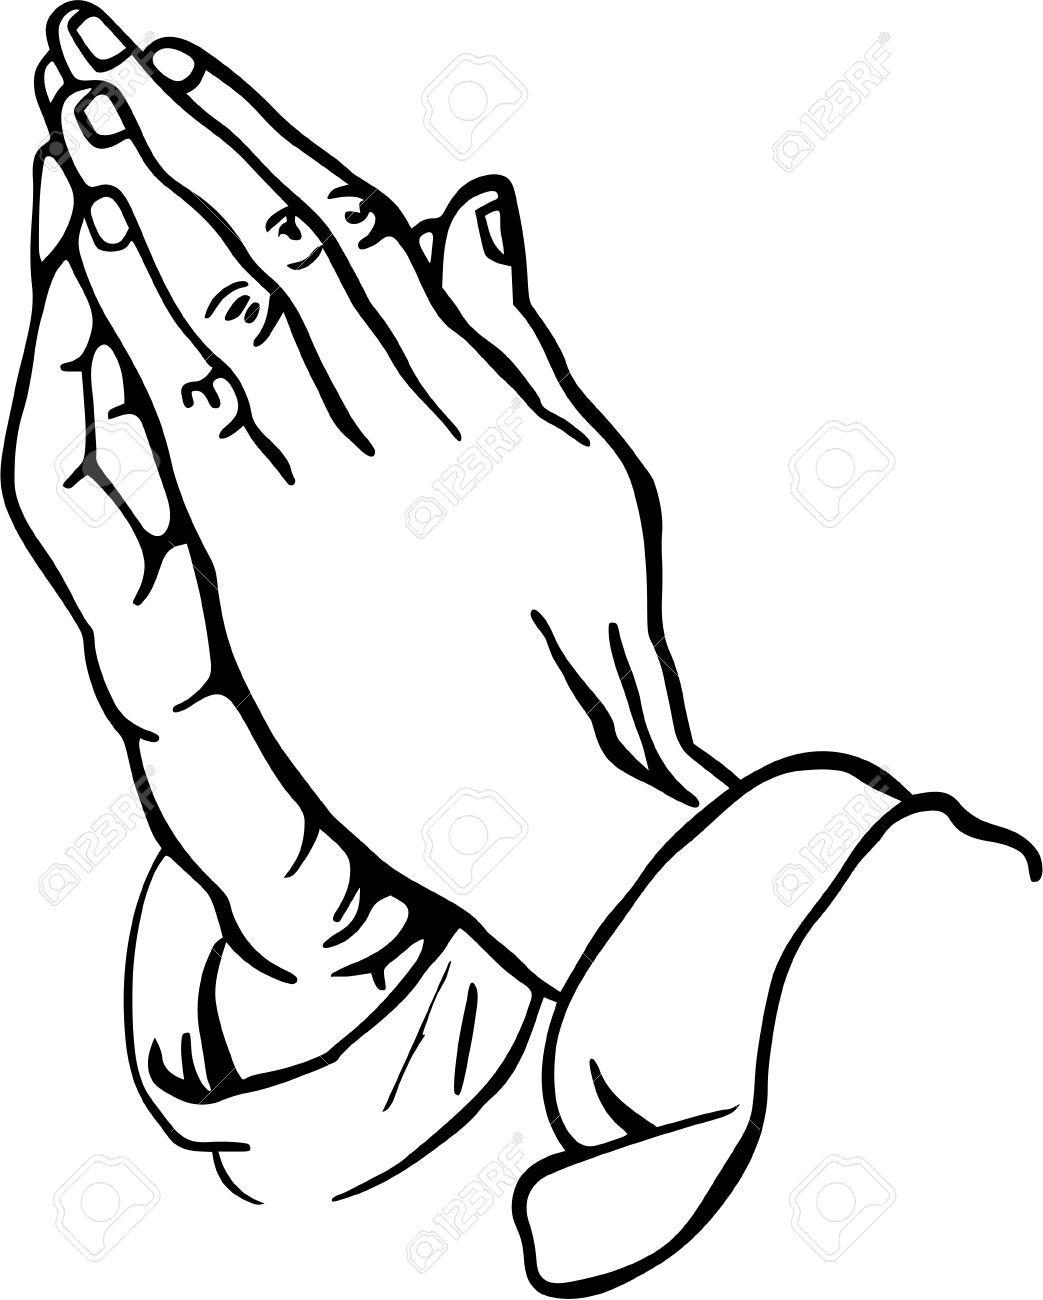 Stock Photo Praying Hands Clipart Praying Hands Tattoo Hand